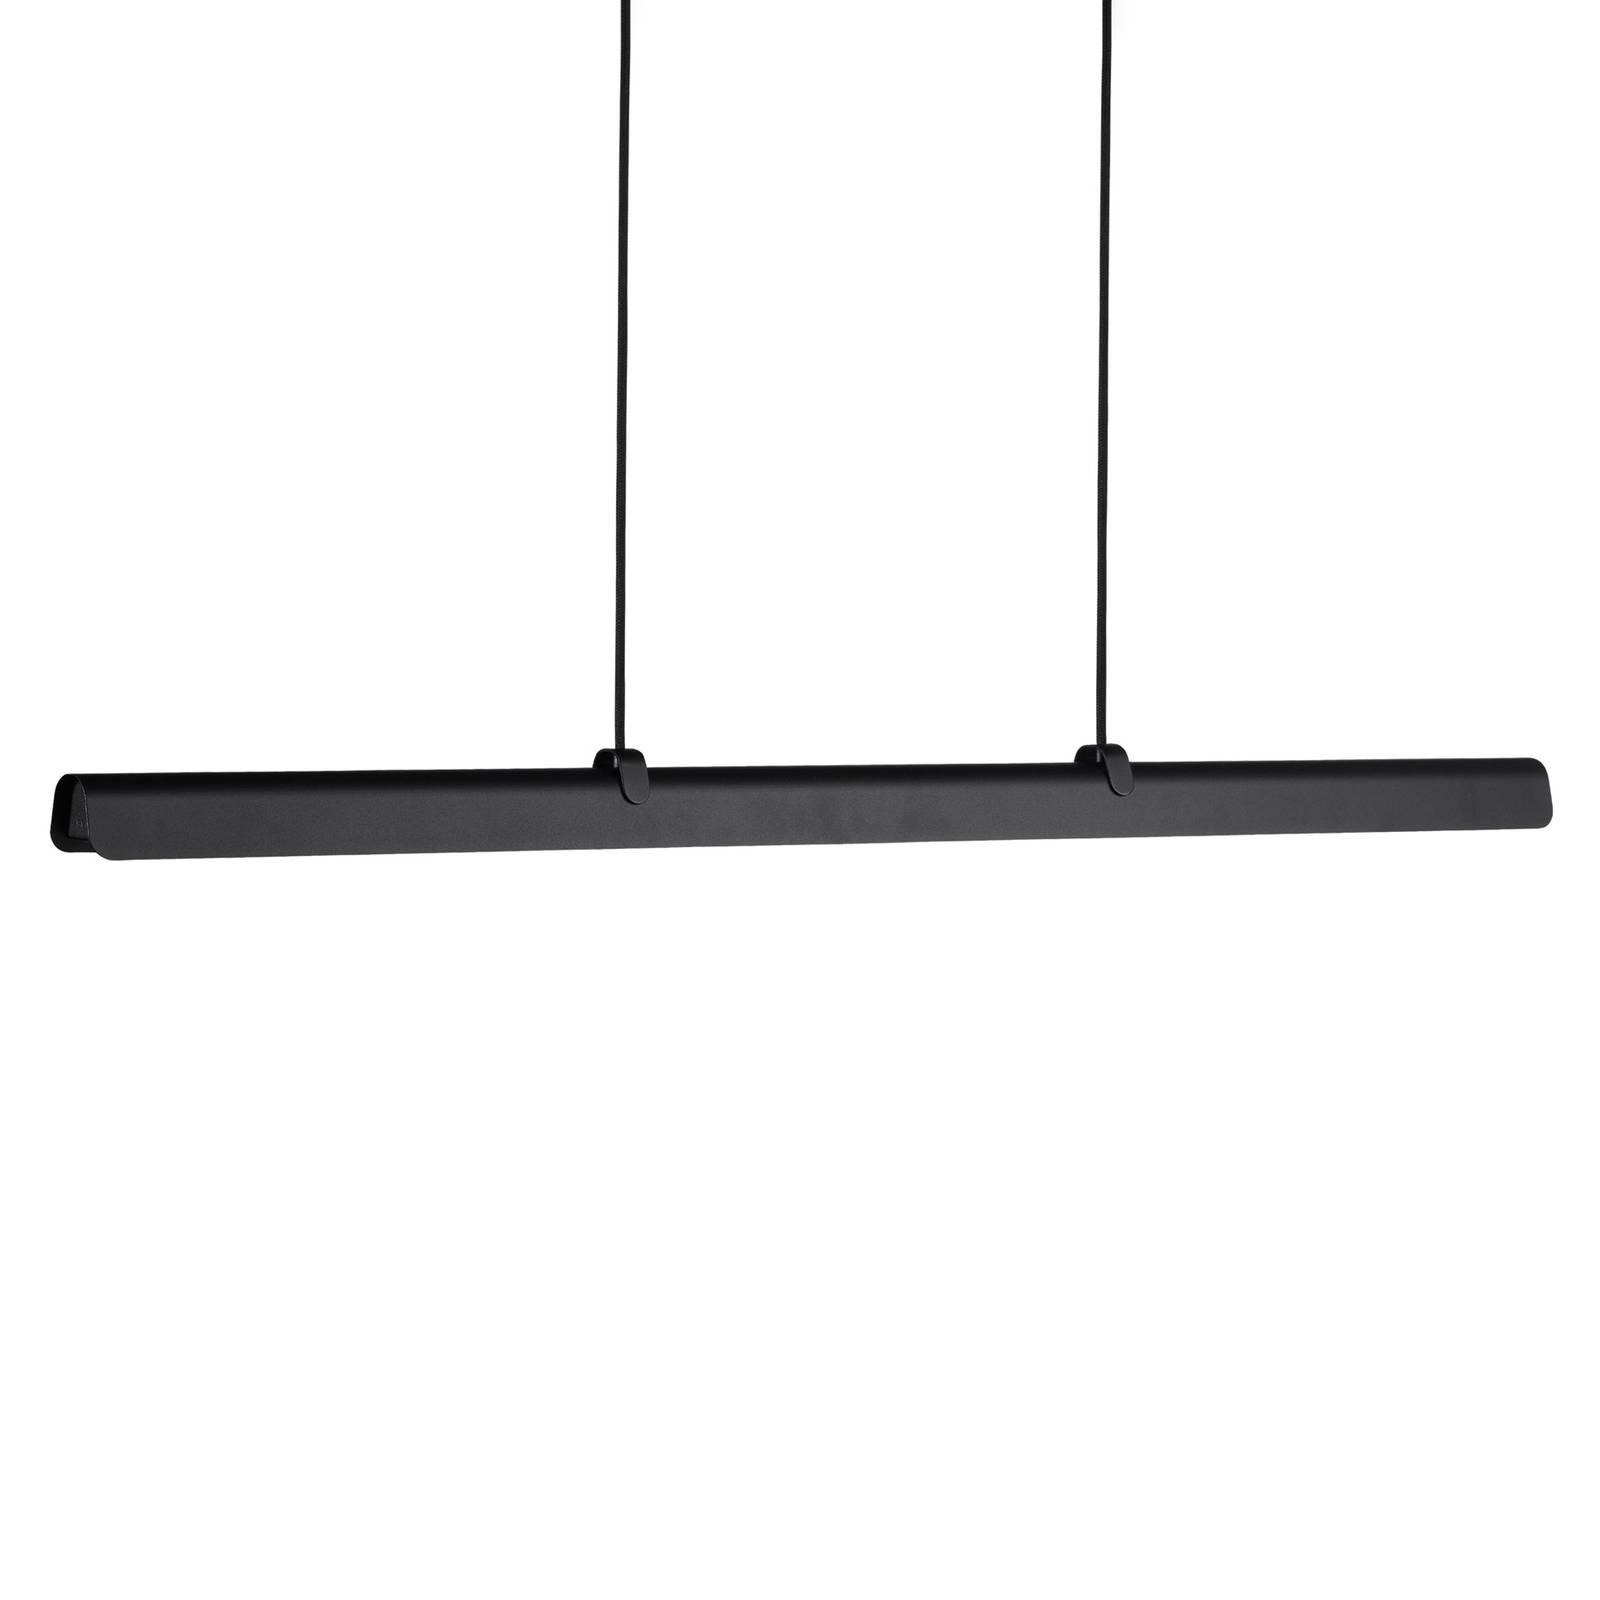 LED-Hängeleuchte Fold, dimmbar, schwarz